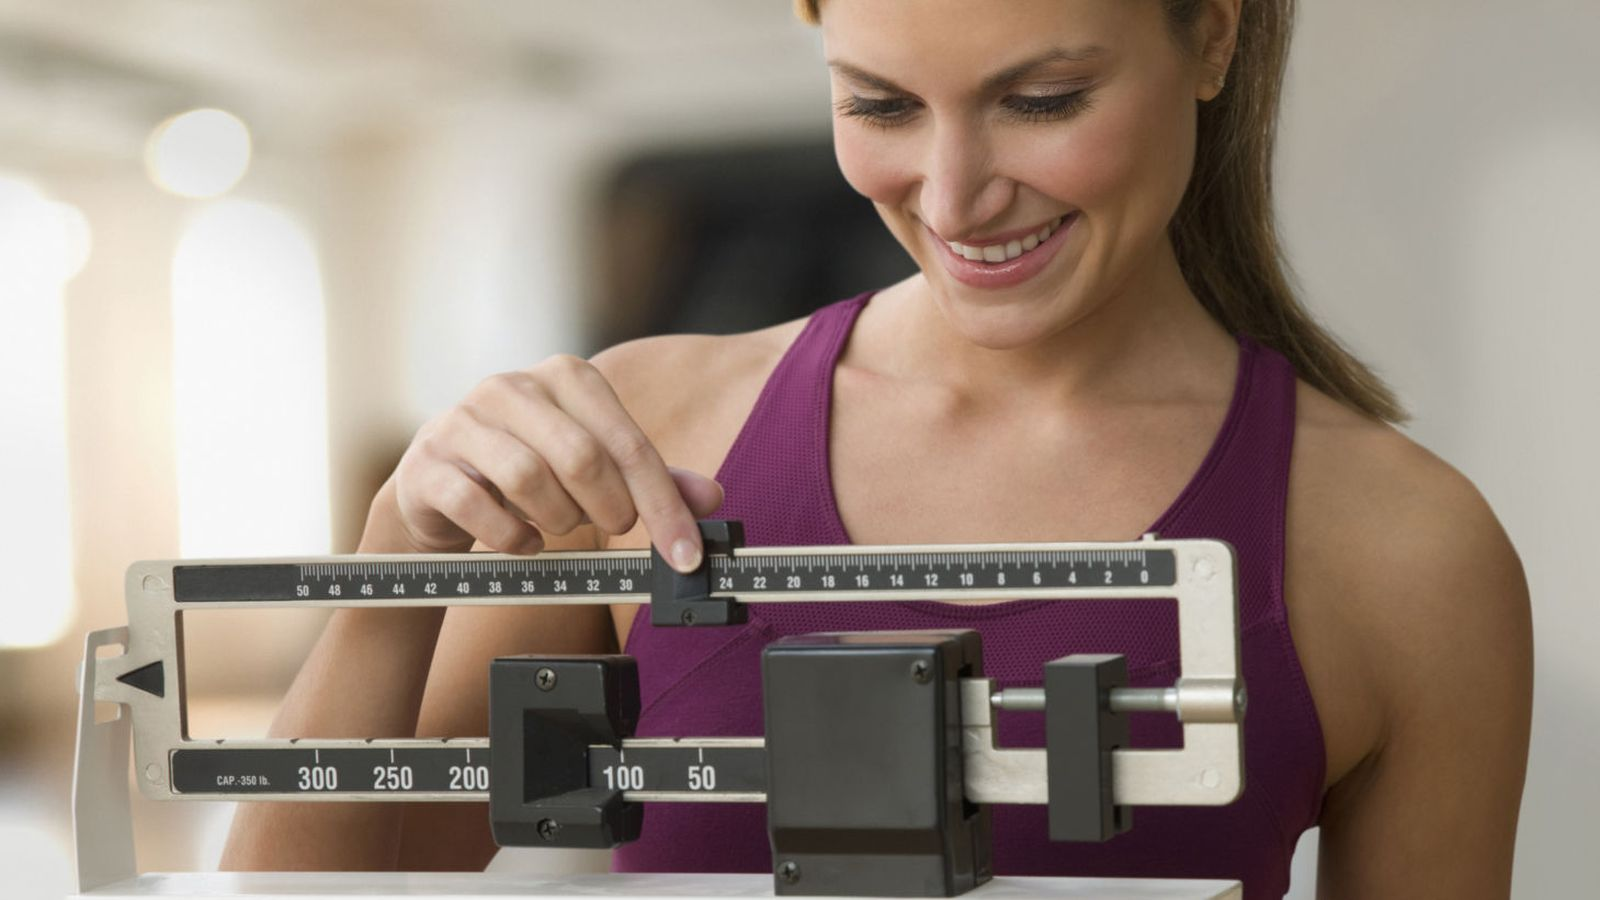 Reducir las calorías no significa necesariamente perder peso